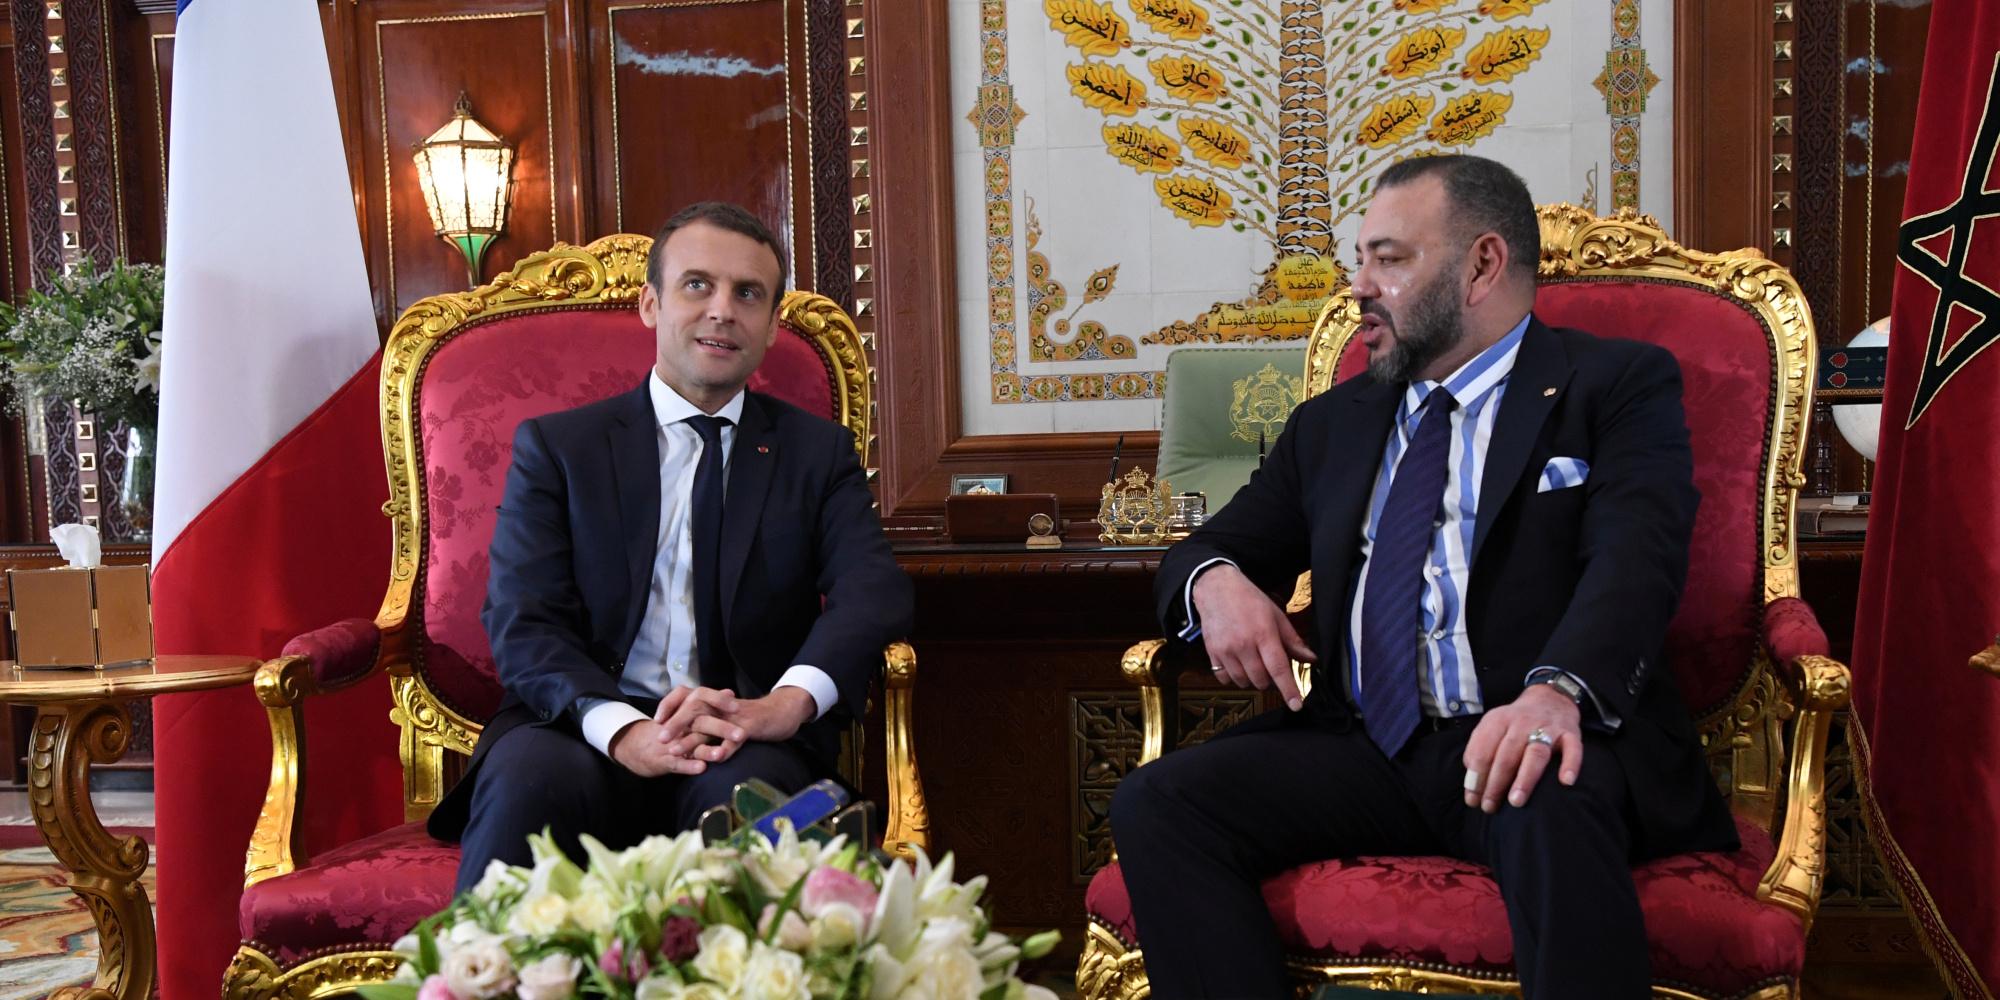 على عكس أسلافه.. لماذا اختار الرئيس الفرنسي ماكرون زيارة المغرب قبل الجزائر؟